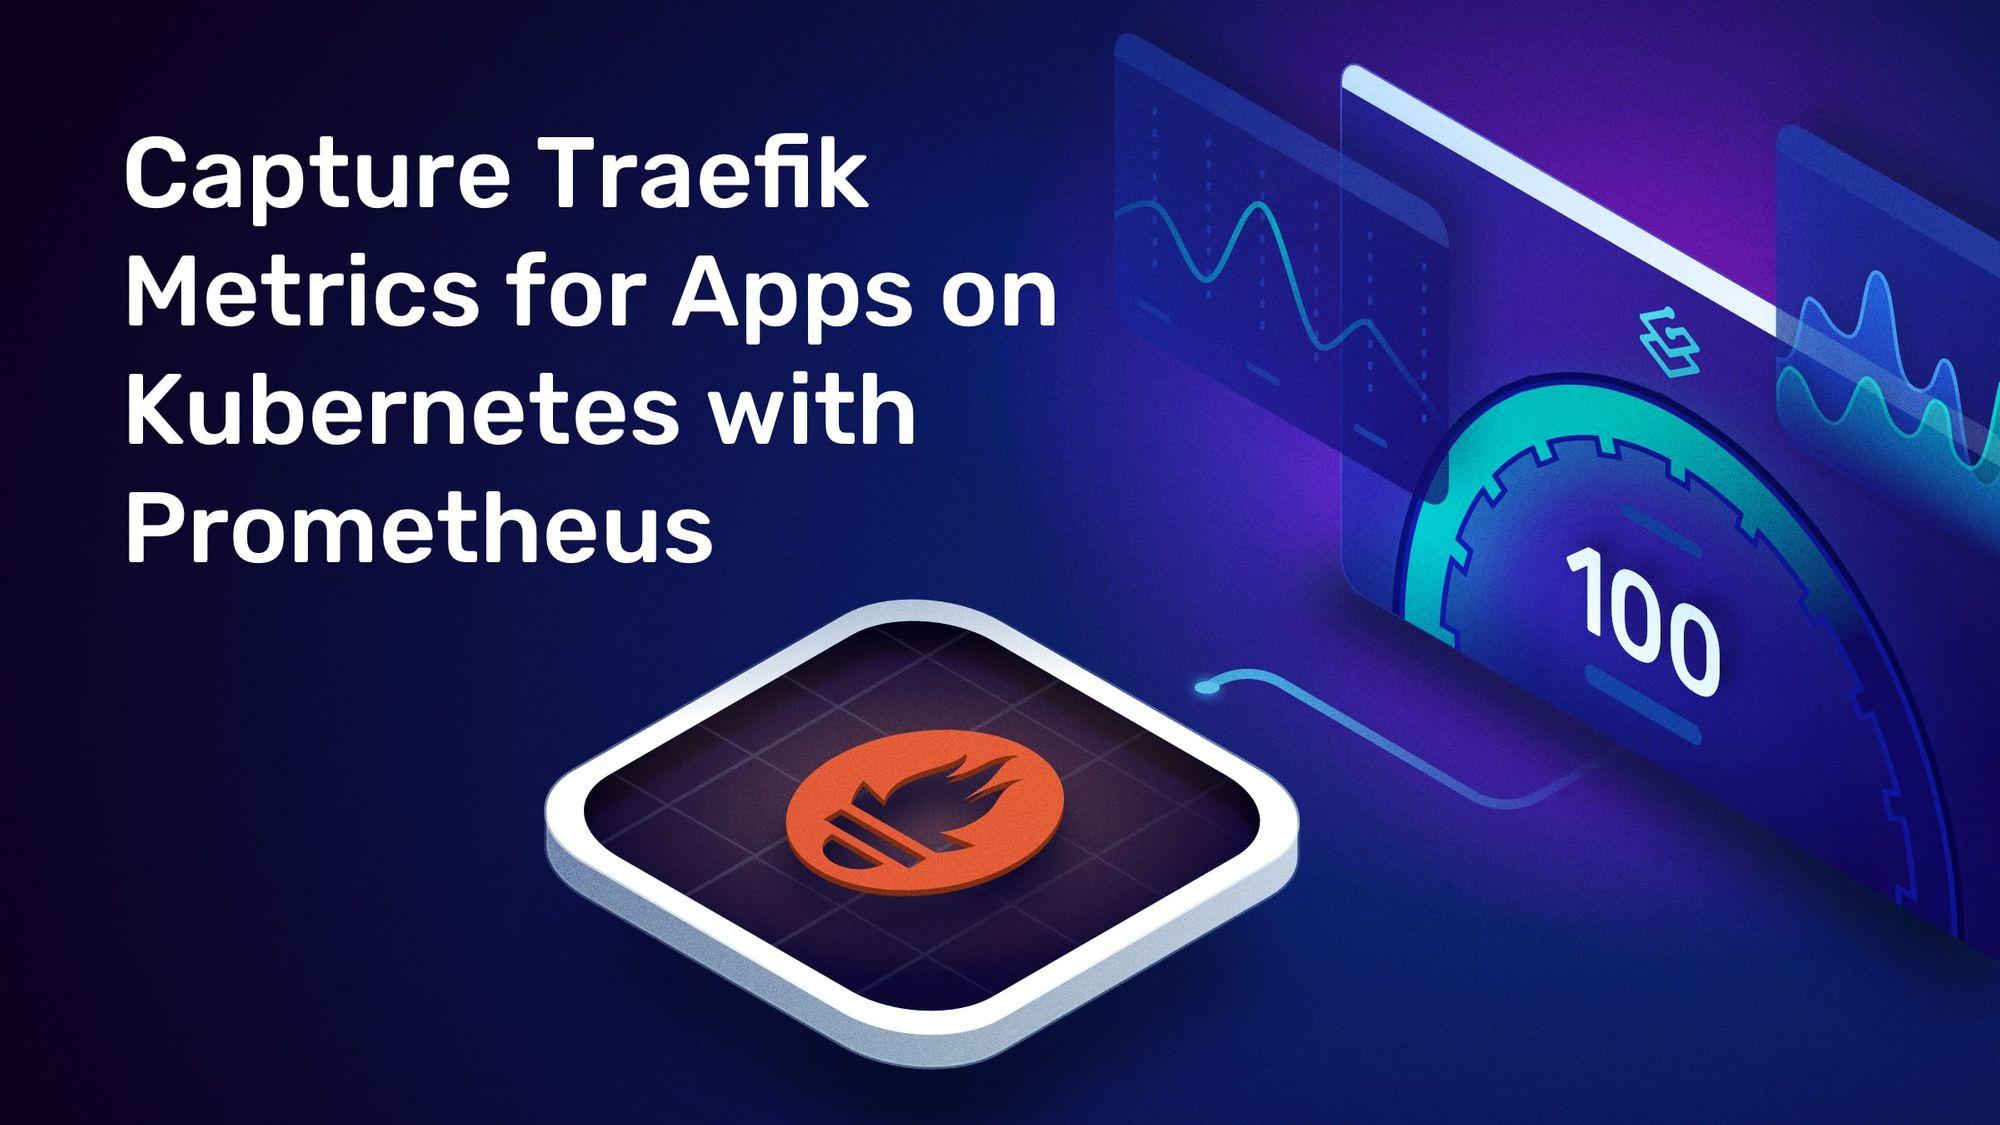 Capture Traefik Metrics for Apps on Kubernetes with Prometheus